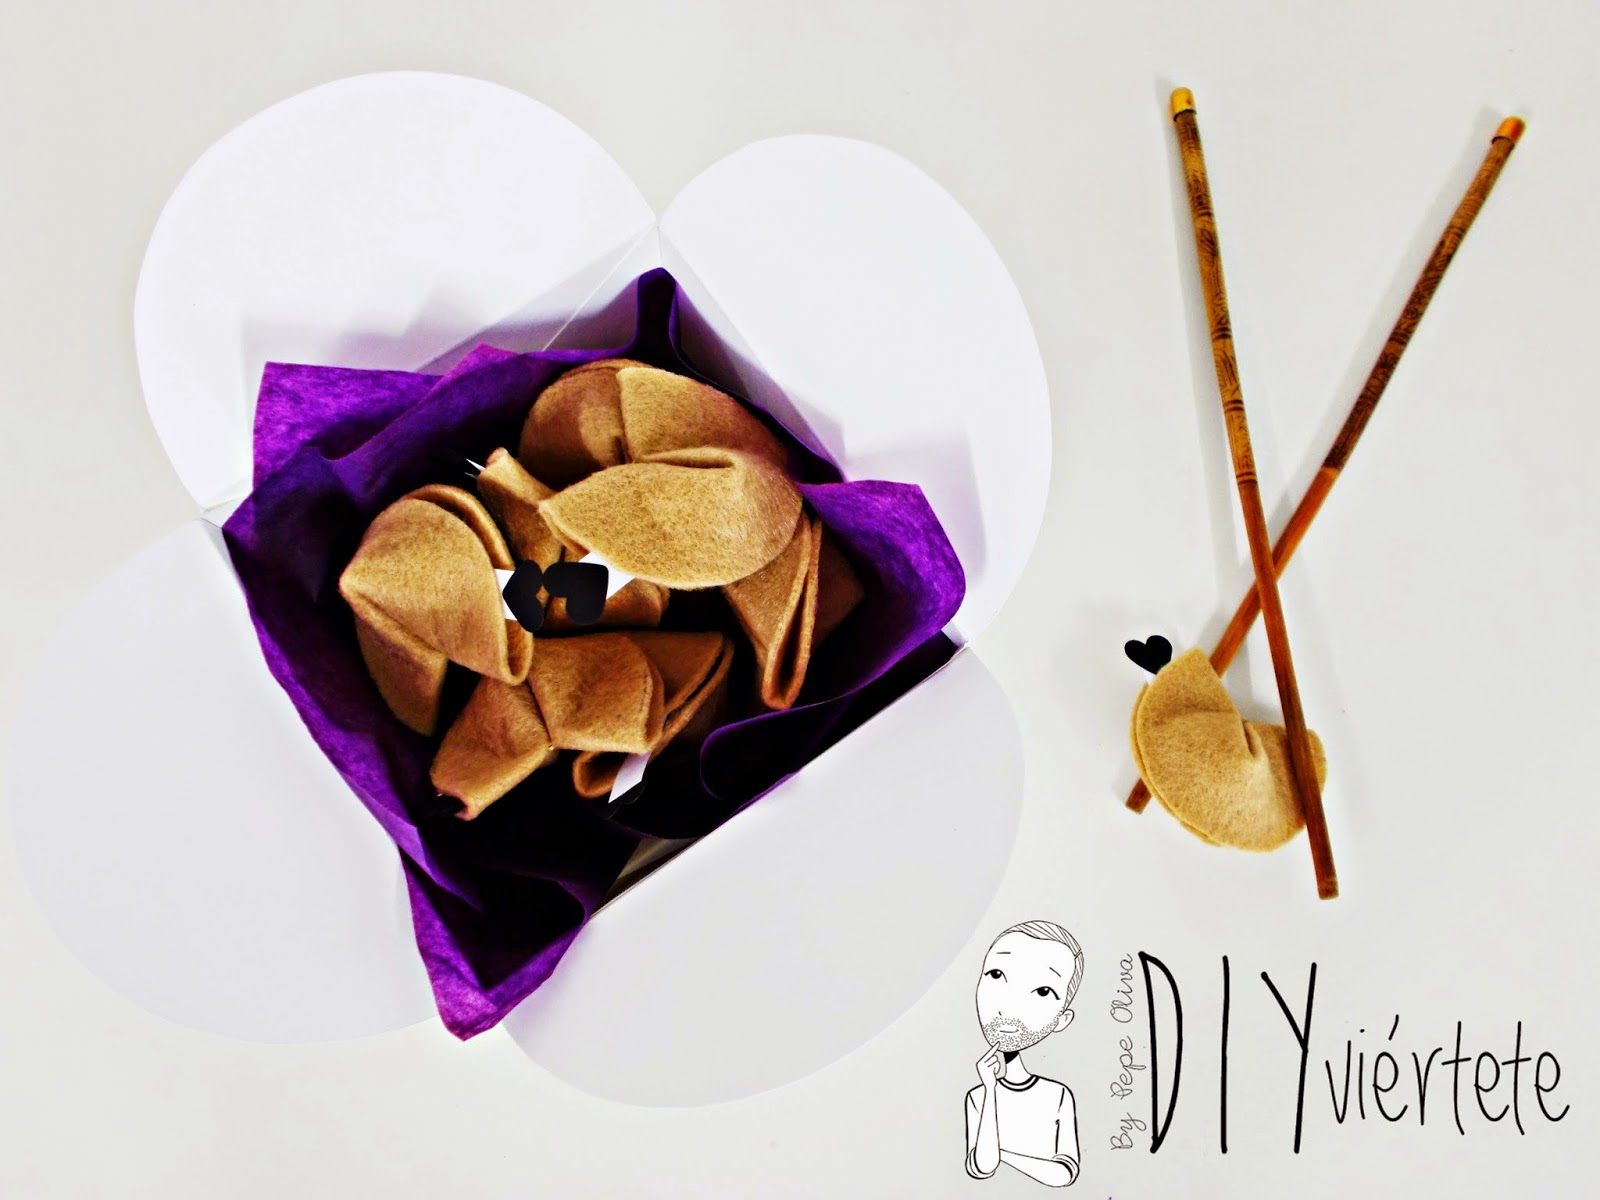 #BLOGERSANDO-diy-propósitos 2015-propósitos año nuevo-galletas de la fortuna-fieltro-papiroflexia-japonés-galletas de la suerte-deseos-10